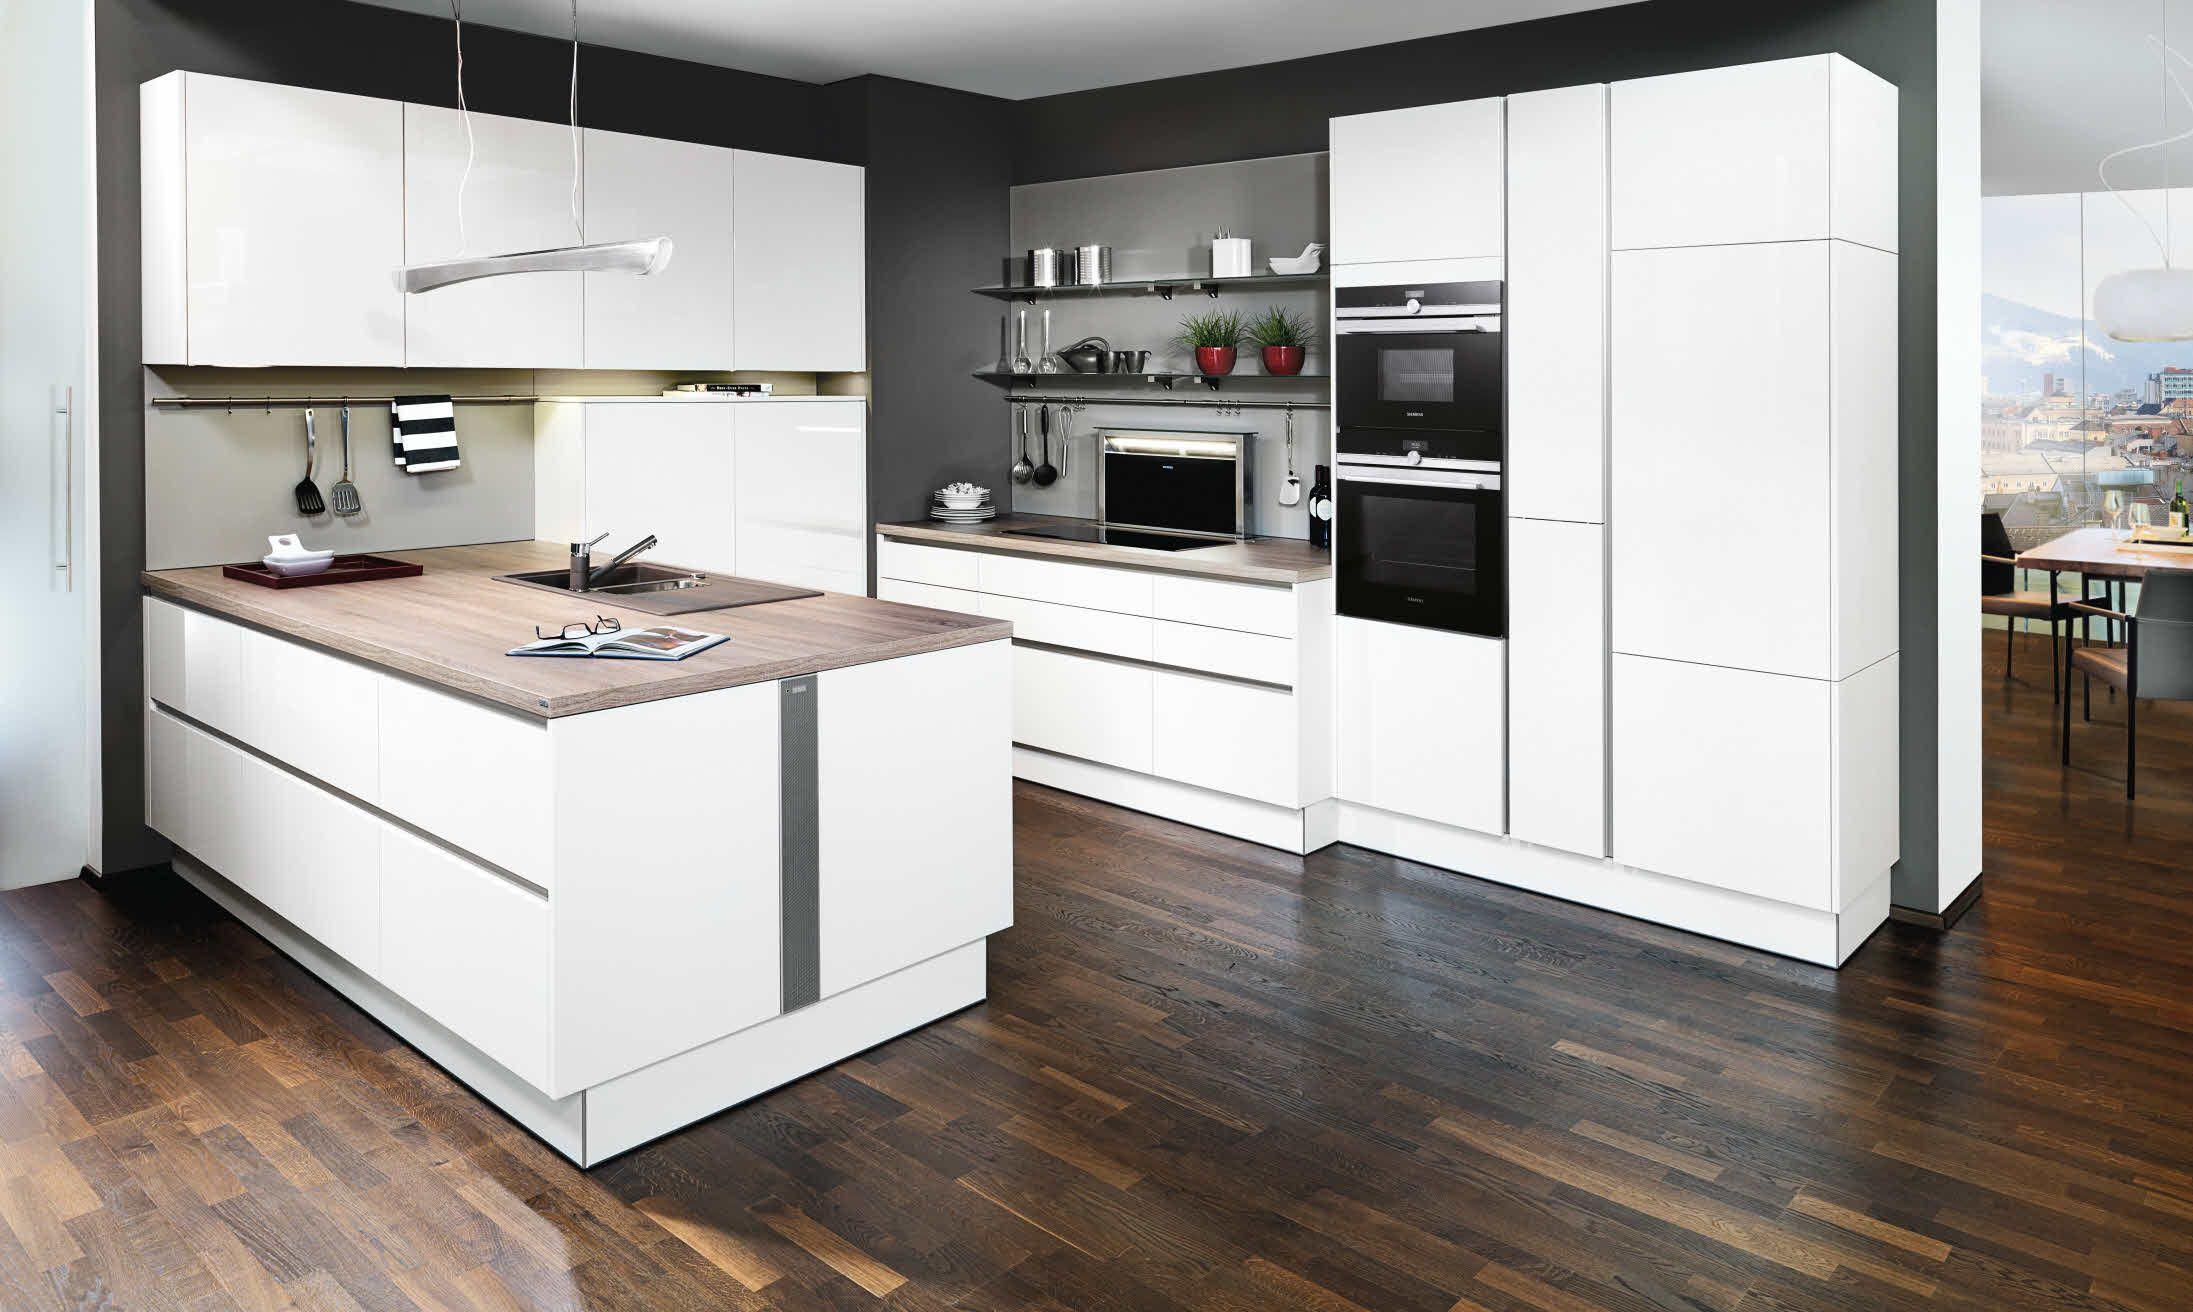 Galerie  Küchendesign modern, Zeyko küchen, Küchenprodukte